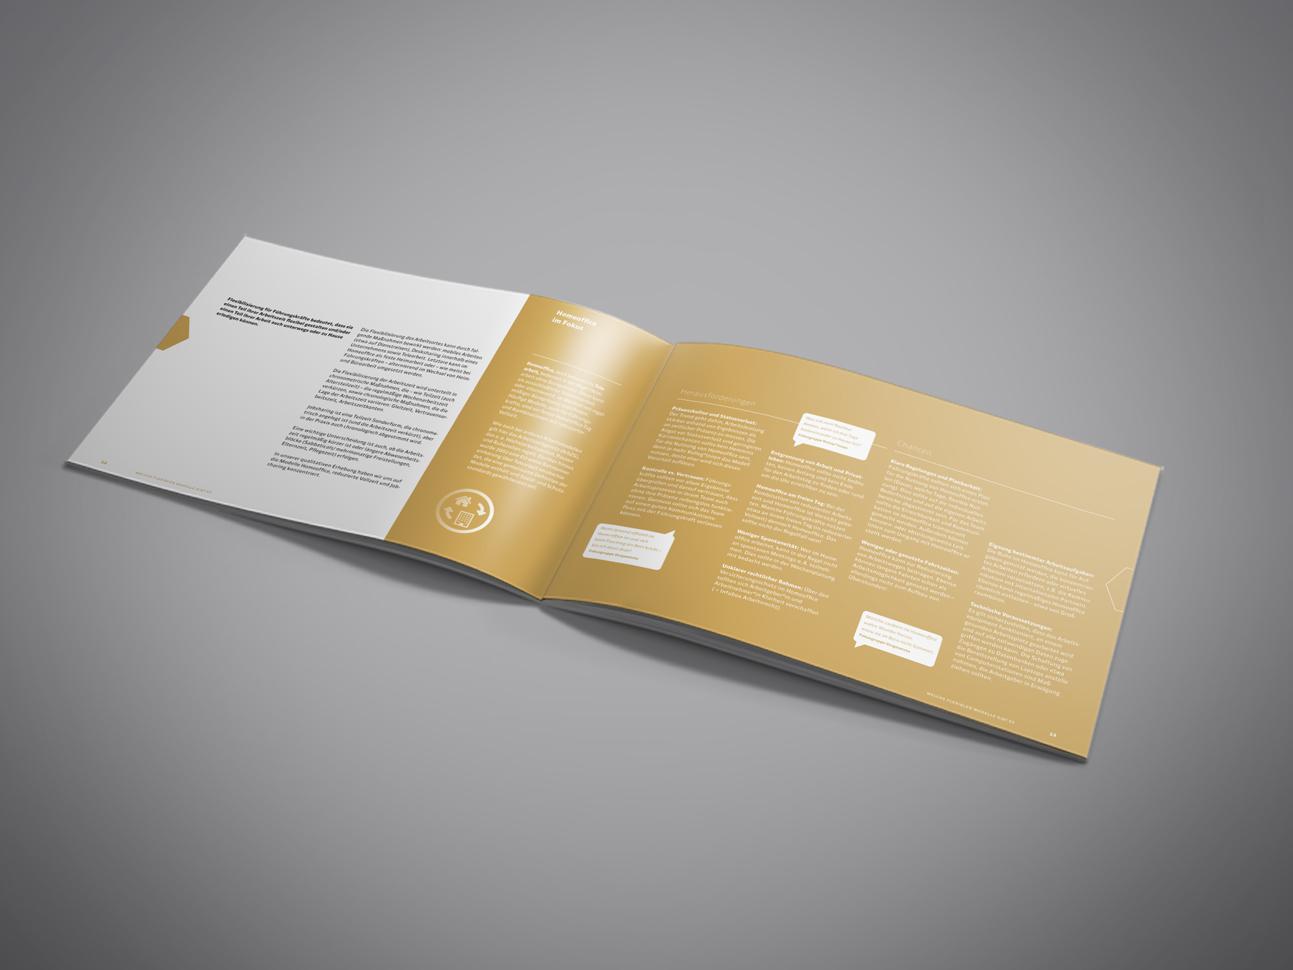 martin_zech_design_projekt_design_flexship_praxisleitfaden_doppelseite